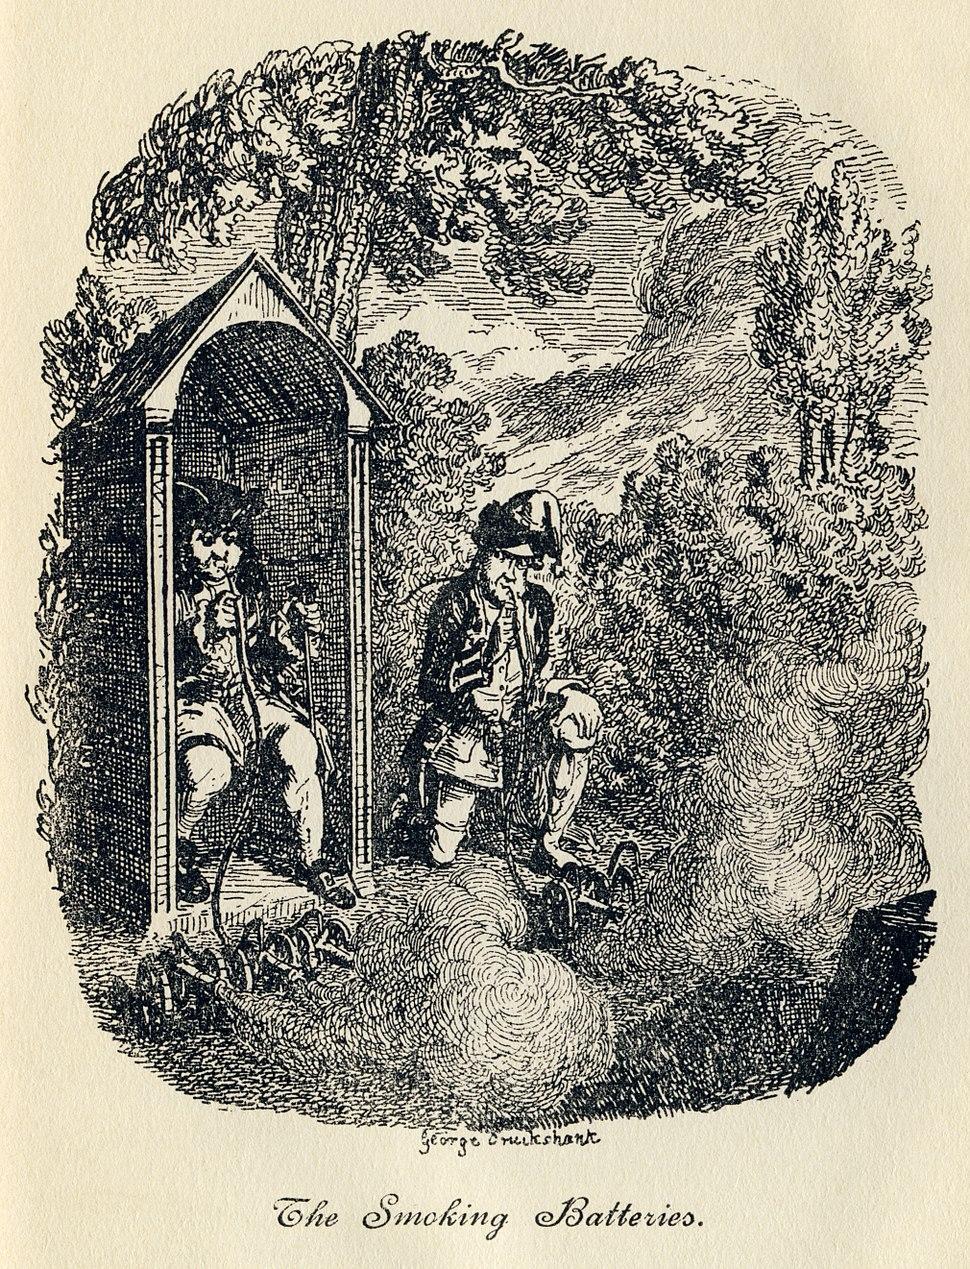 George Cruikshank - Tristram Shandy, Plate VIII. The Smoking Batteries